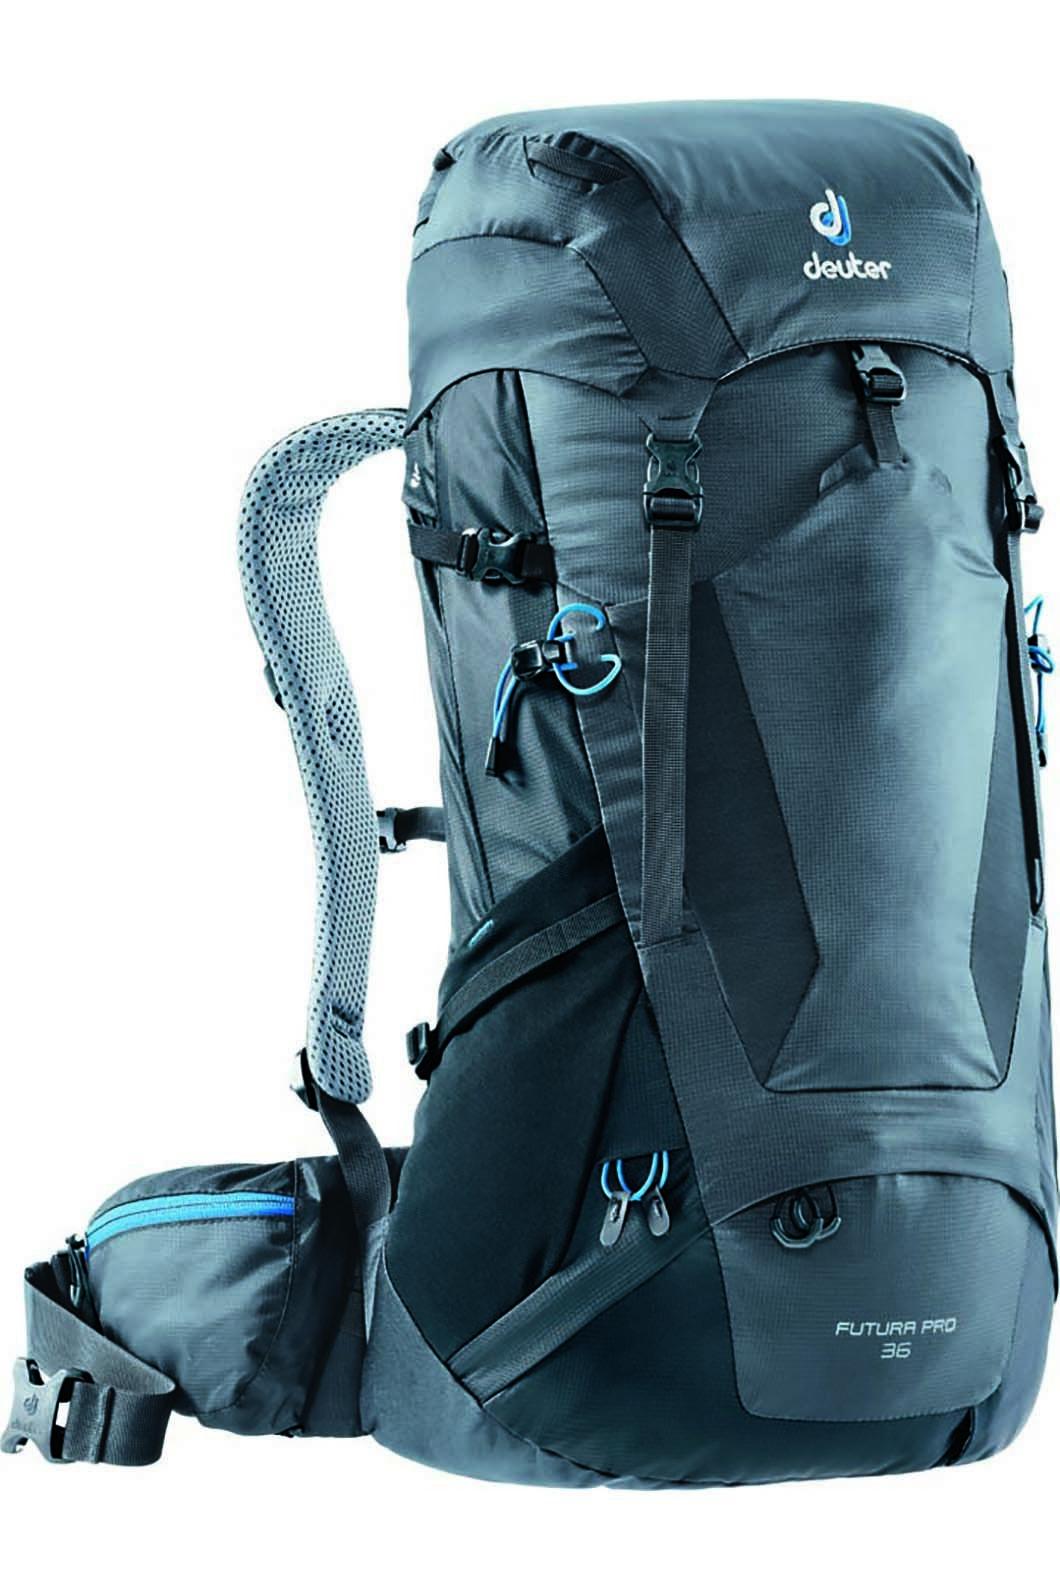 Deuter Futura Pro Trekking Pack 36L, None, hi-res